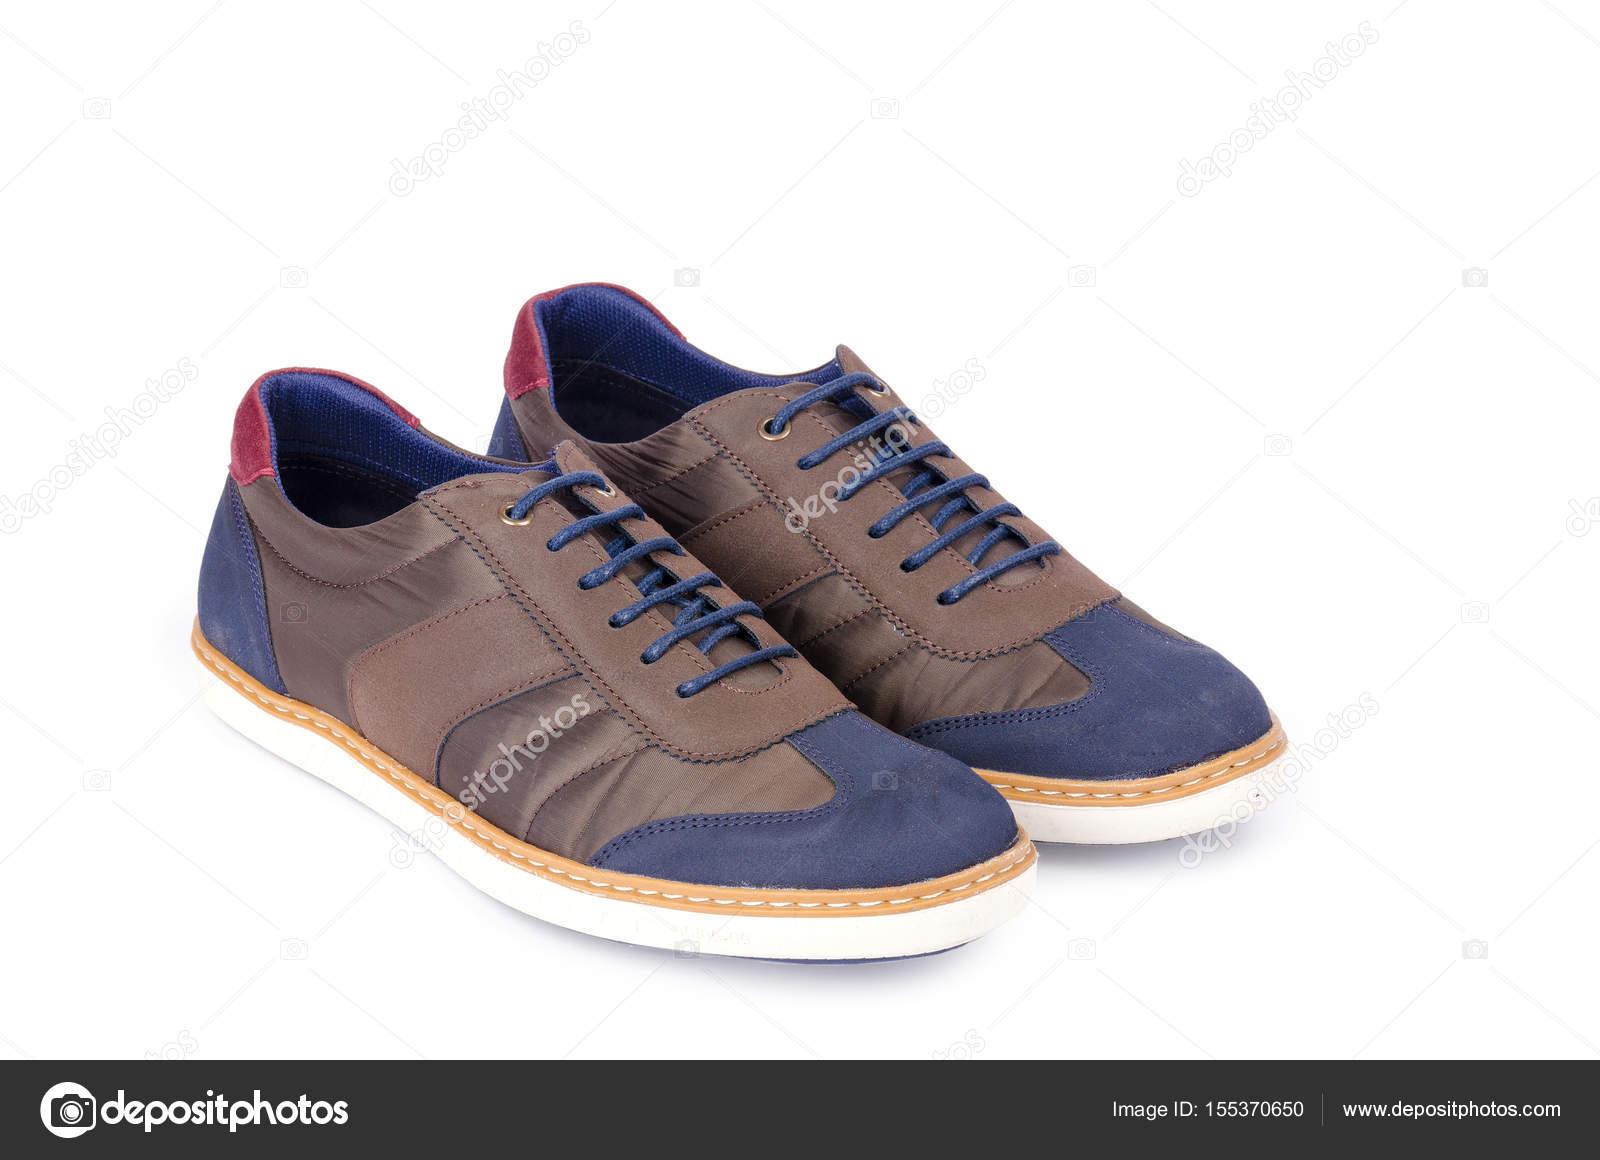 Braune Mann Sneakers isoliert auf weiss — Stockfoto © Nasimi  155370650 9fa9aa2312